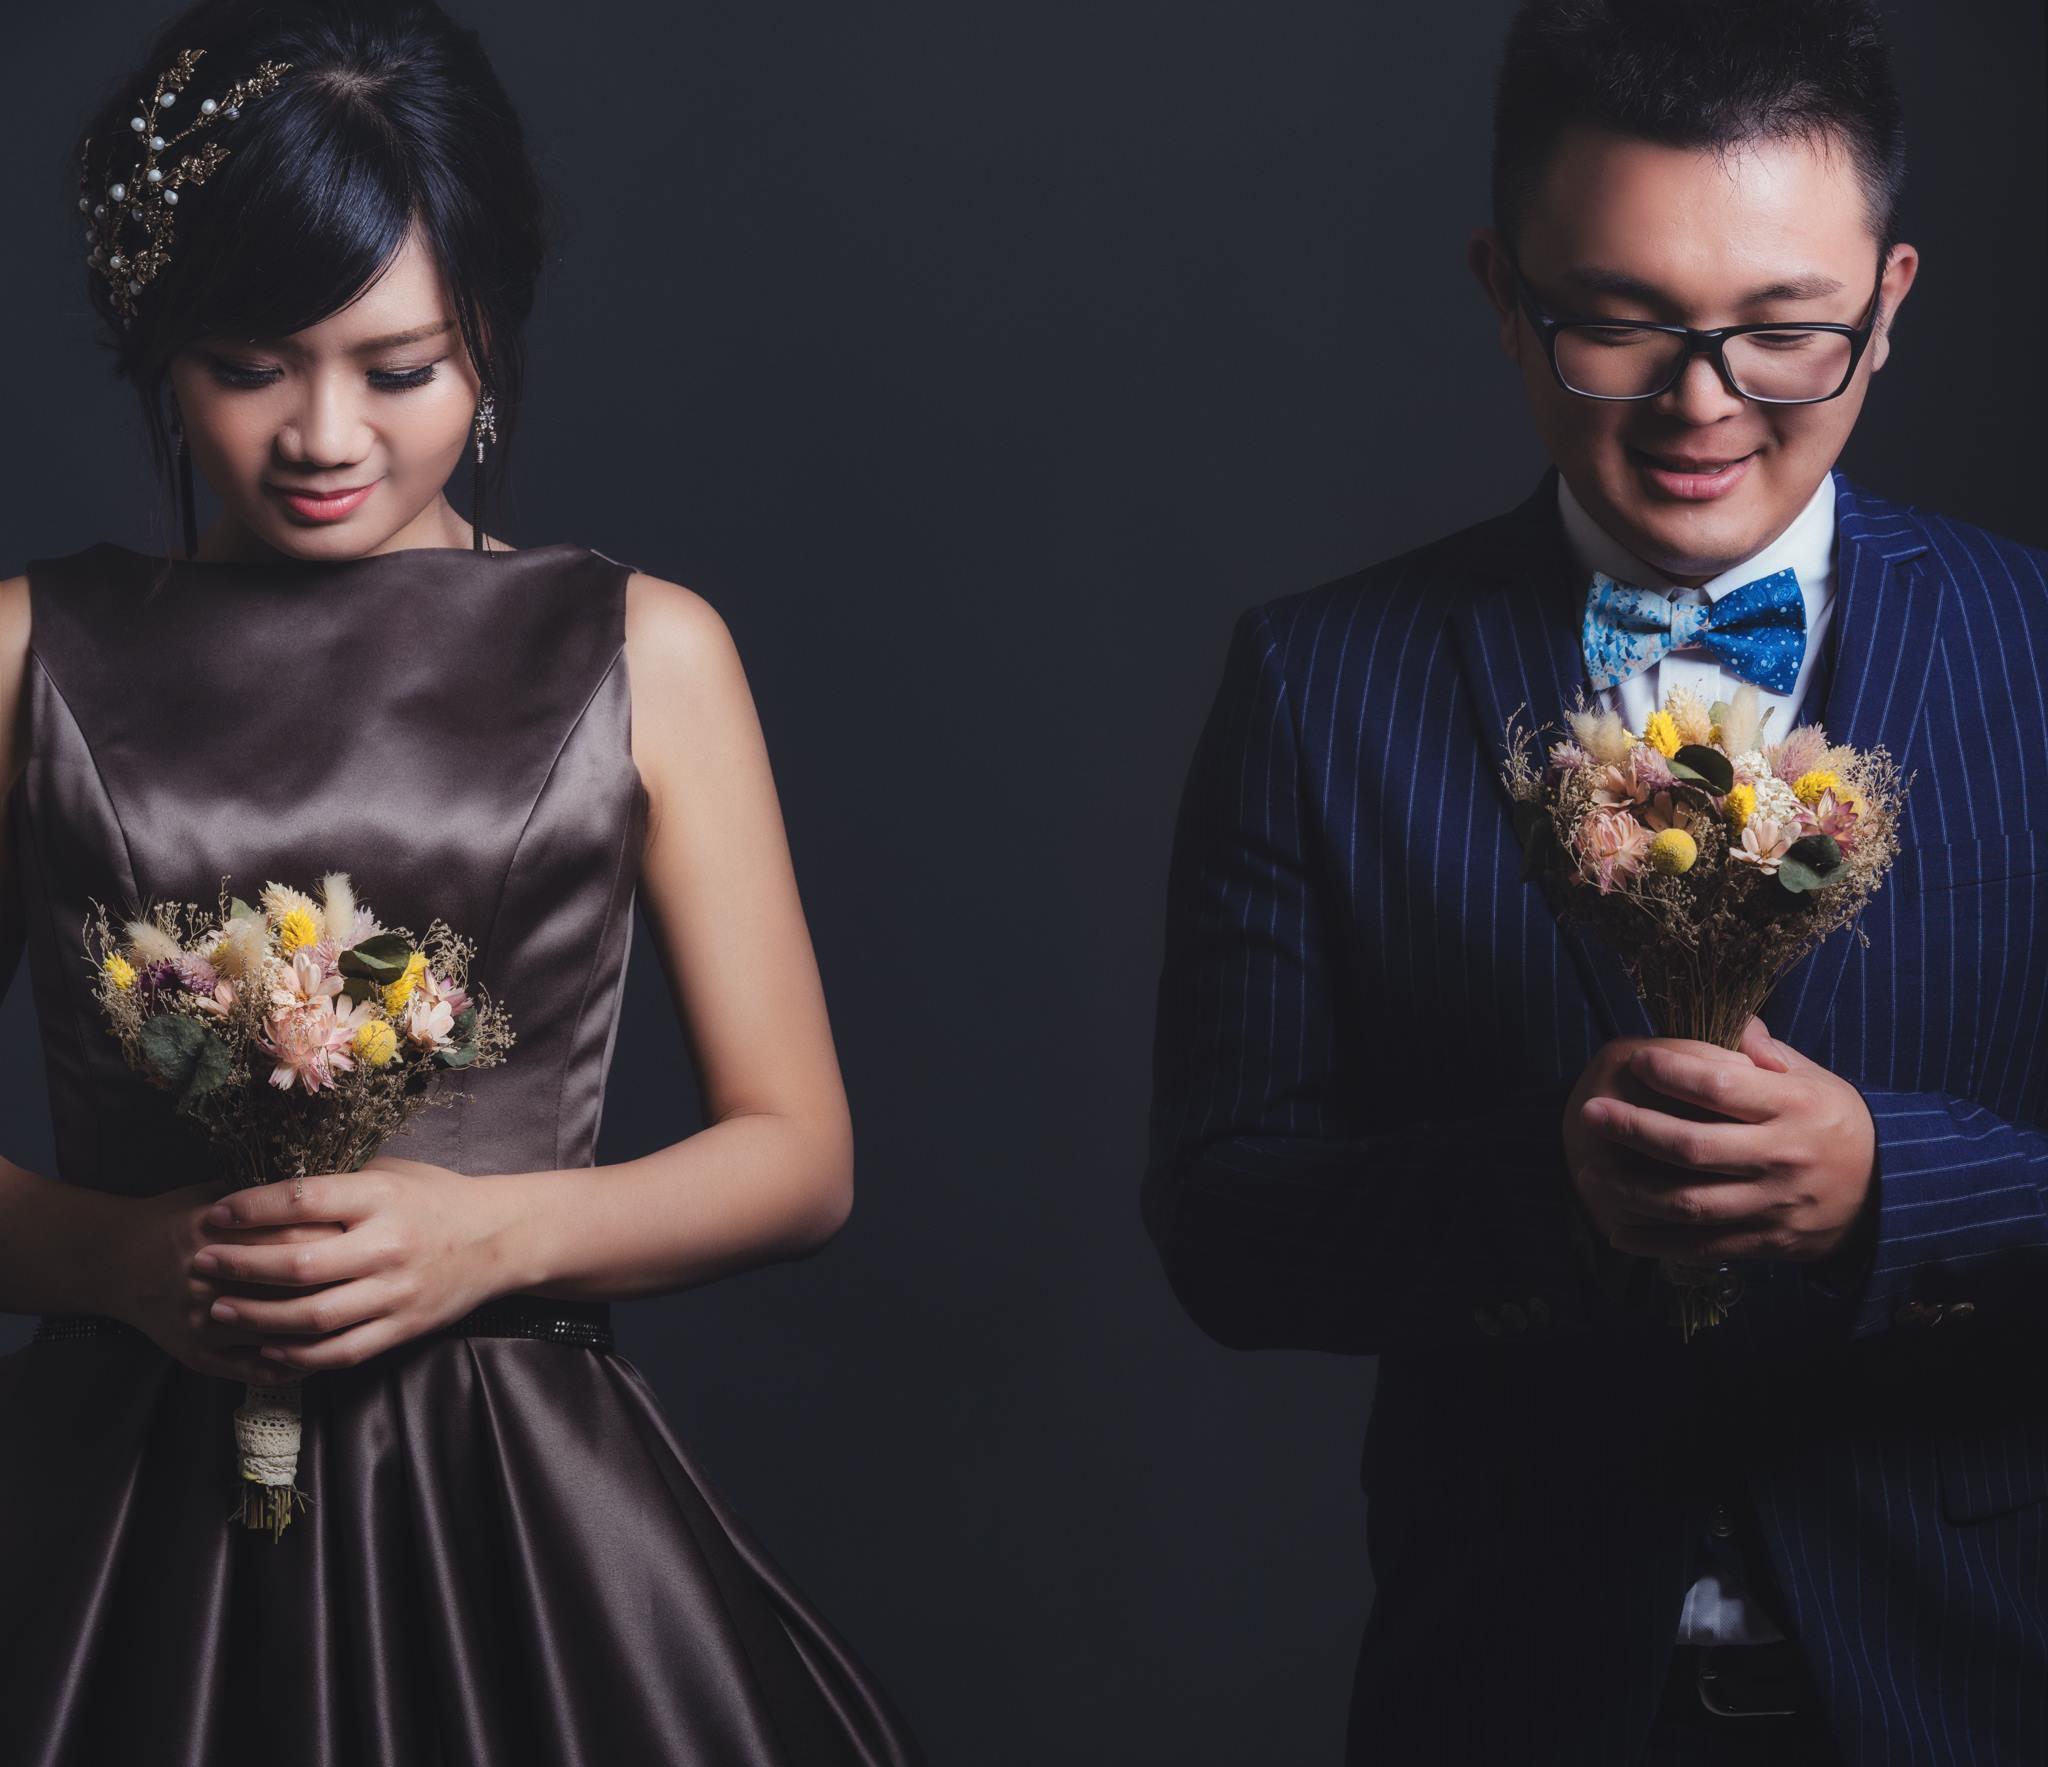 婚紗攝影工作室,自主婚紗,攝影基地,自助婚紗,攝影工作室,,, - 彌新影像工作室 作品瀏覽